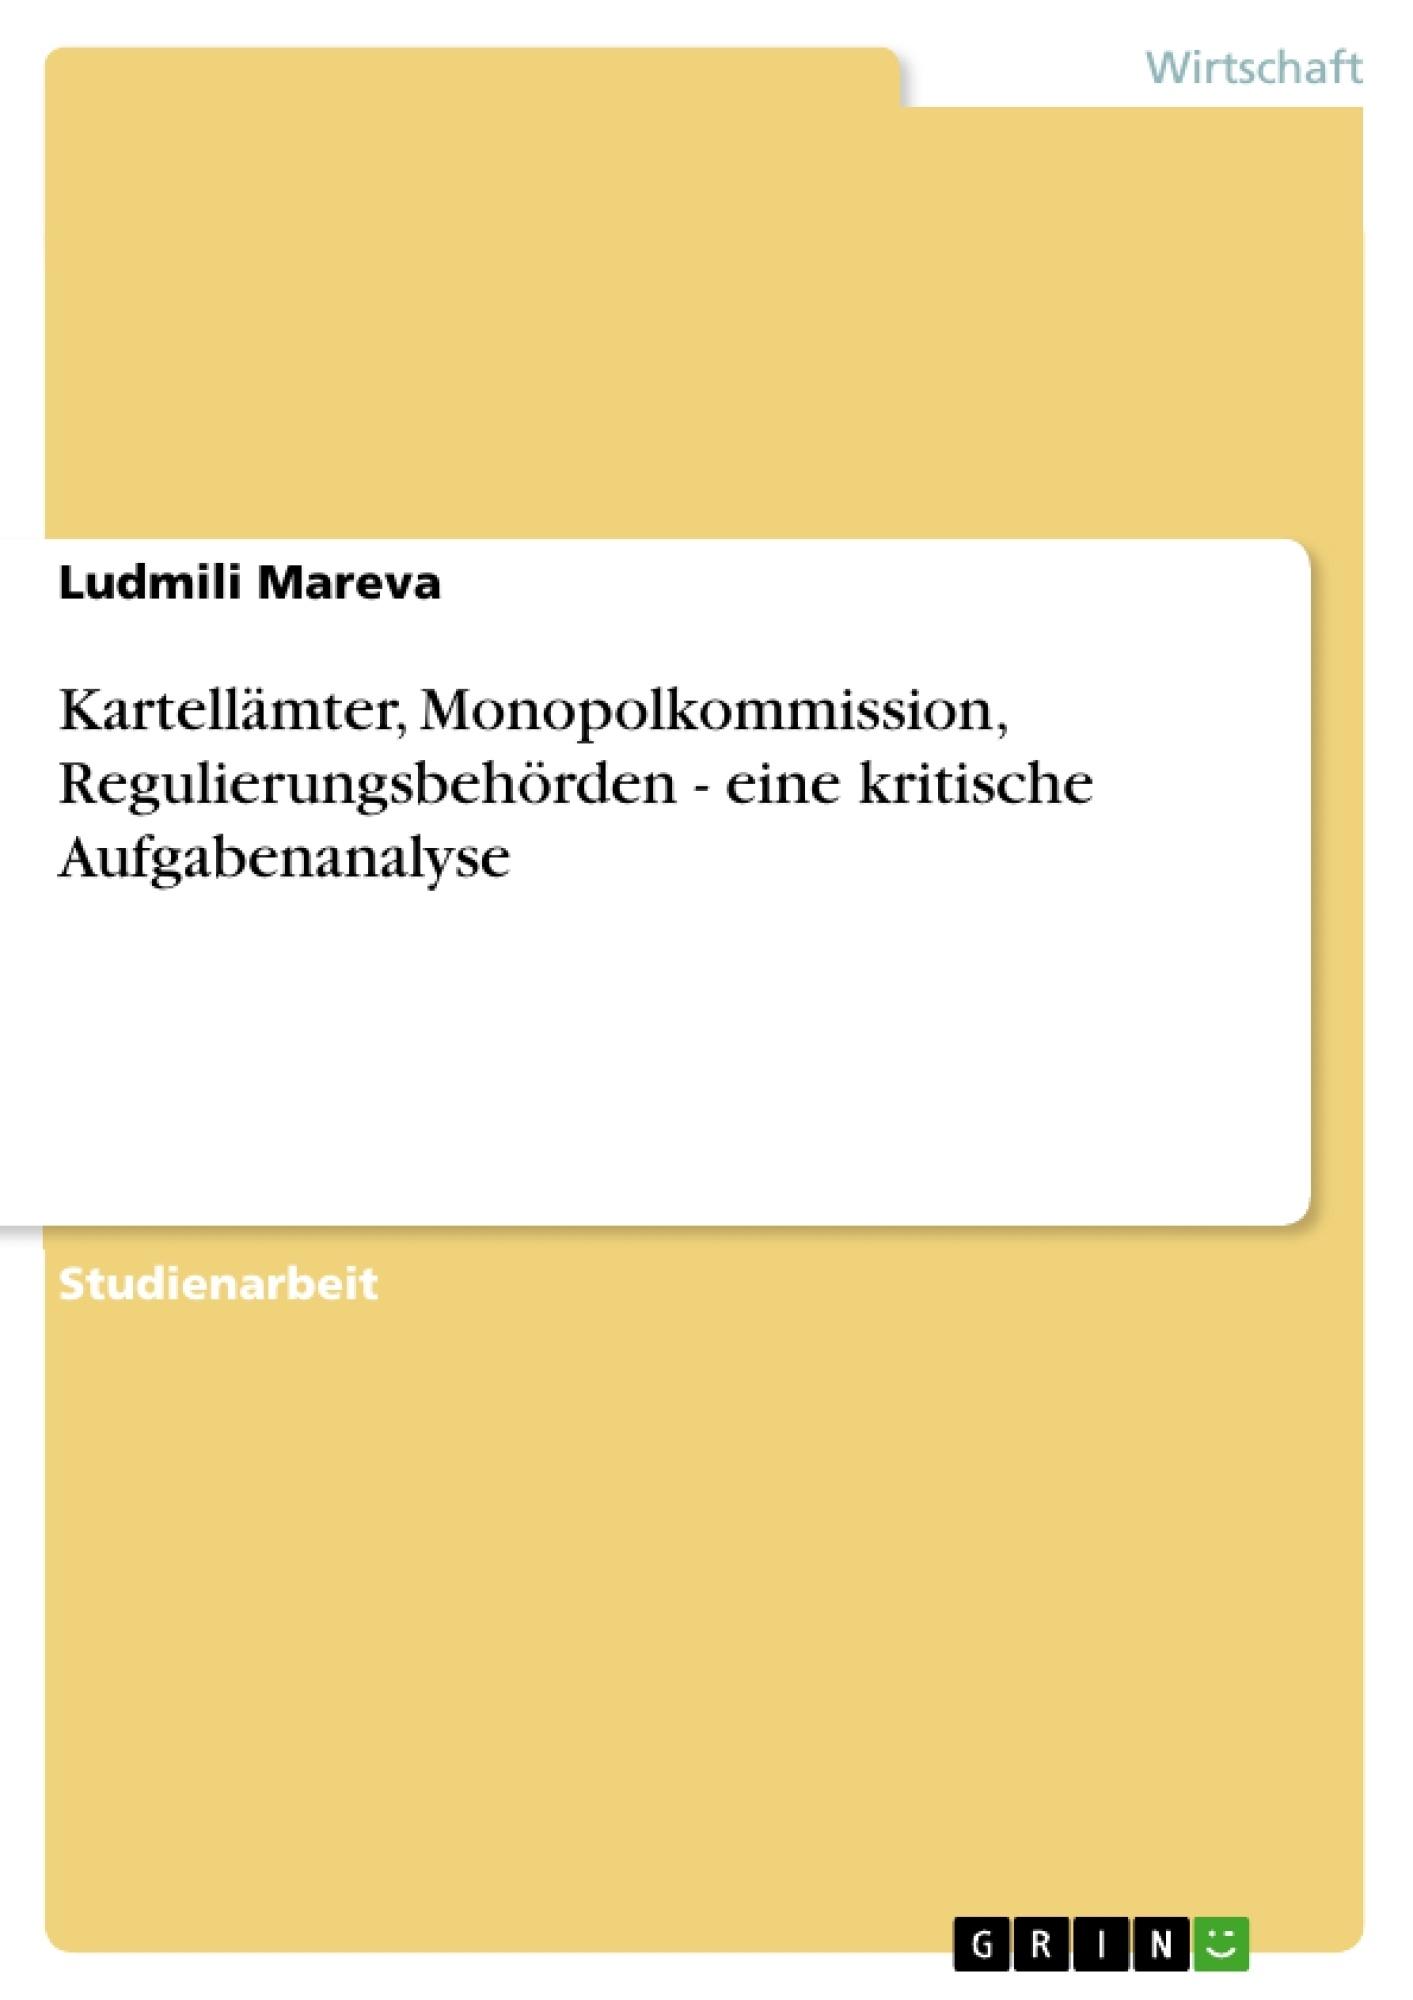 Titel: Kartellämter, Monopolkommission, Regulierungsbehörden - eine kritische Aufgabenanalyse